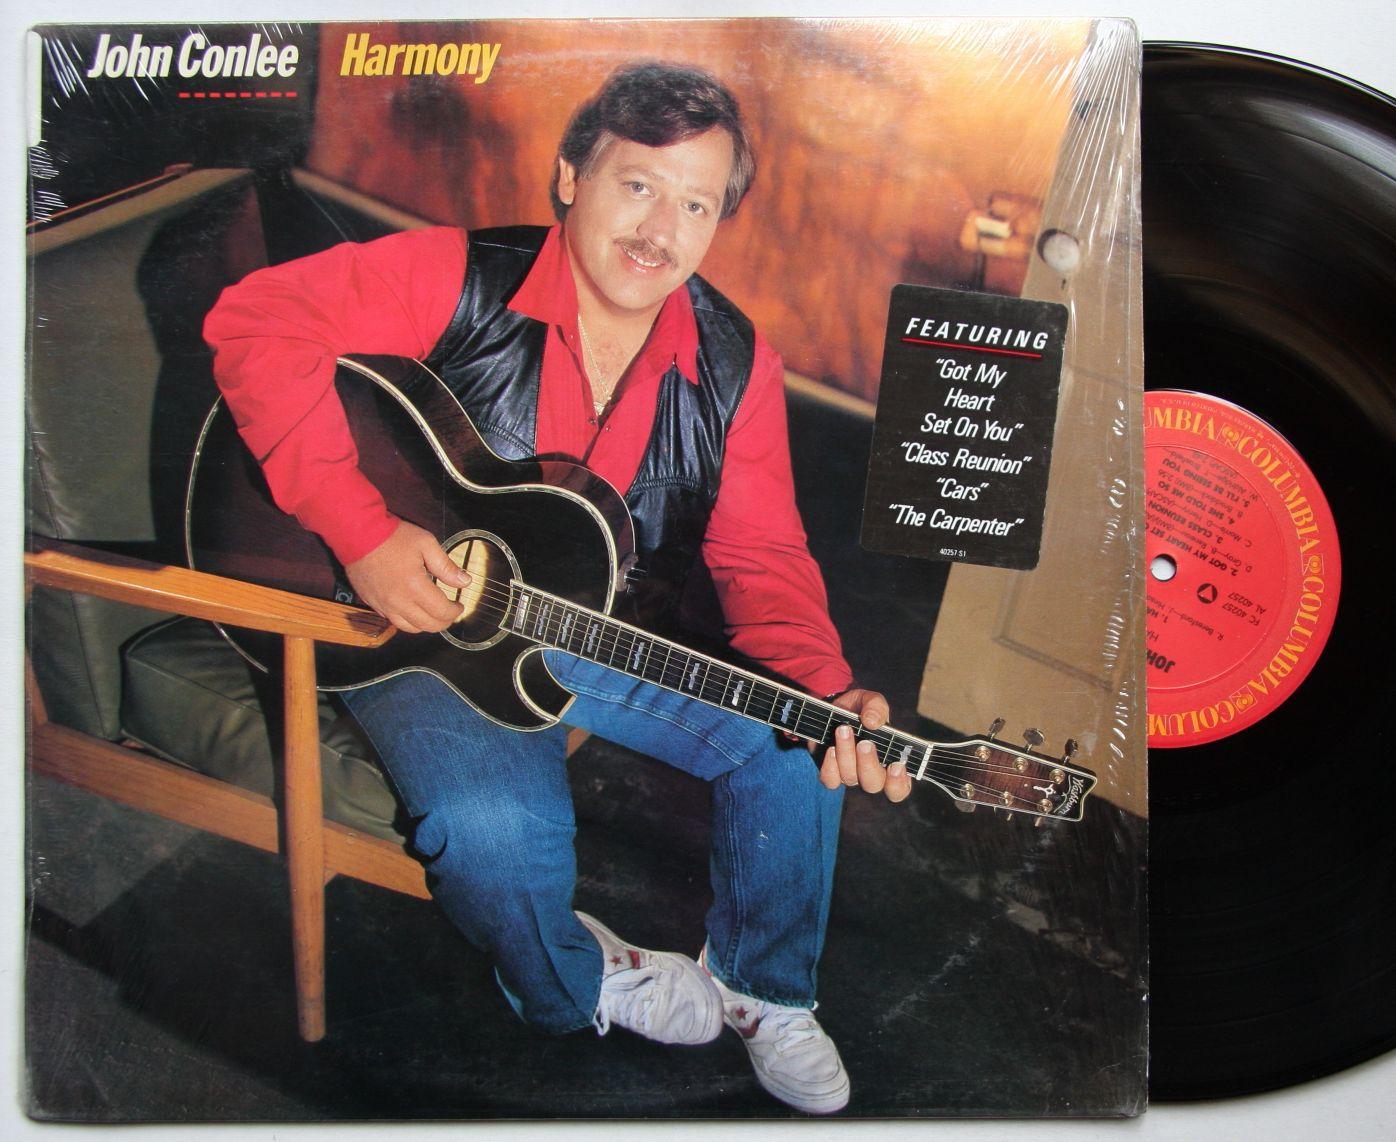 John Conlee - Harmony Album